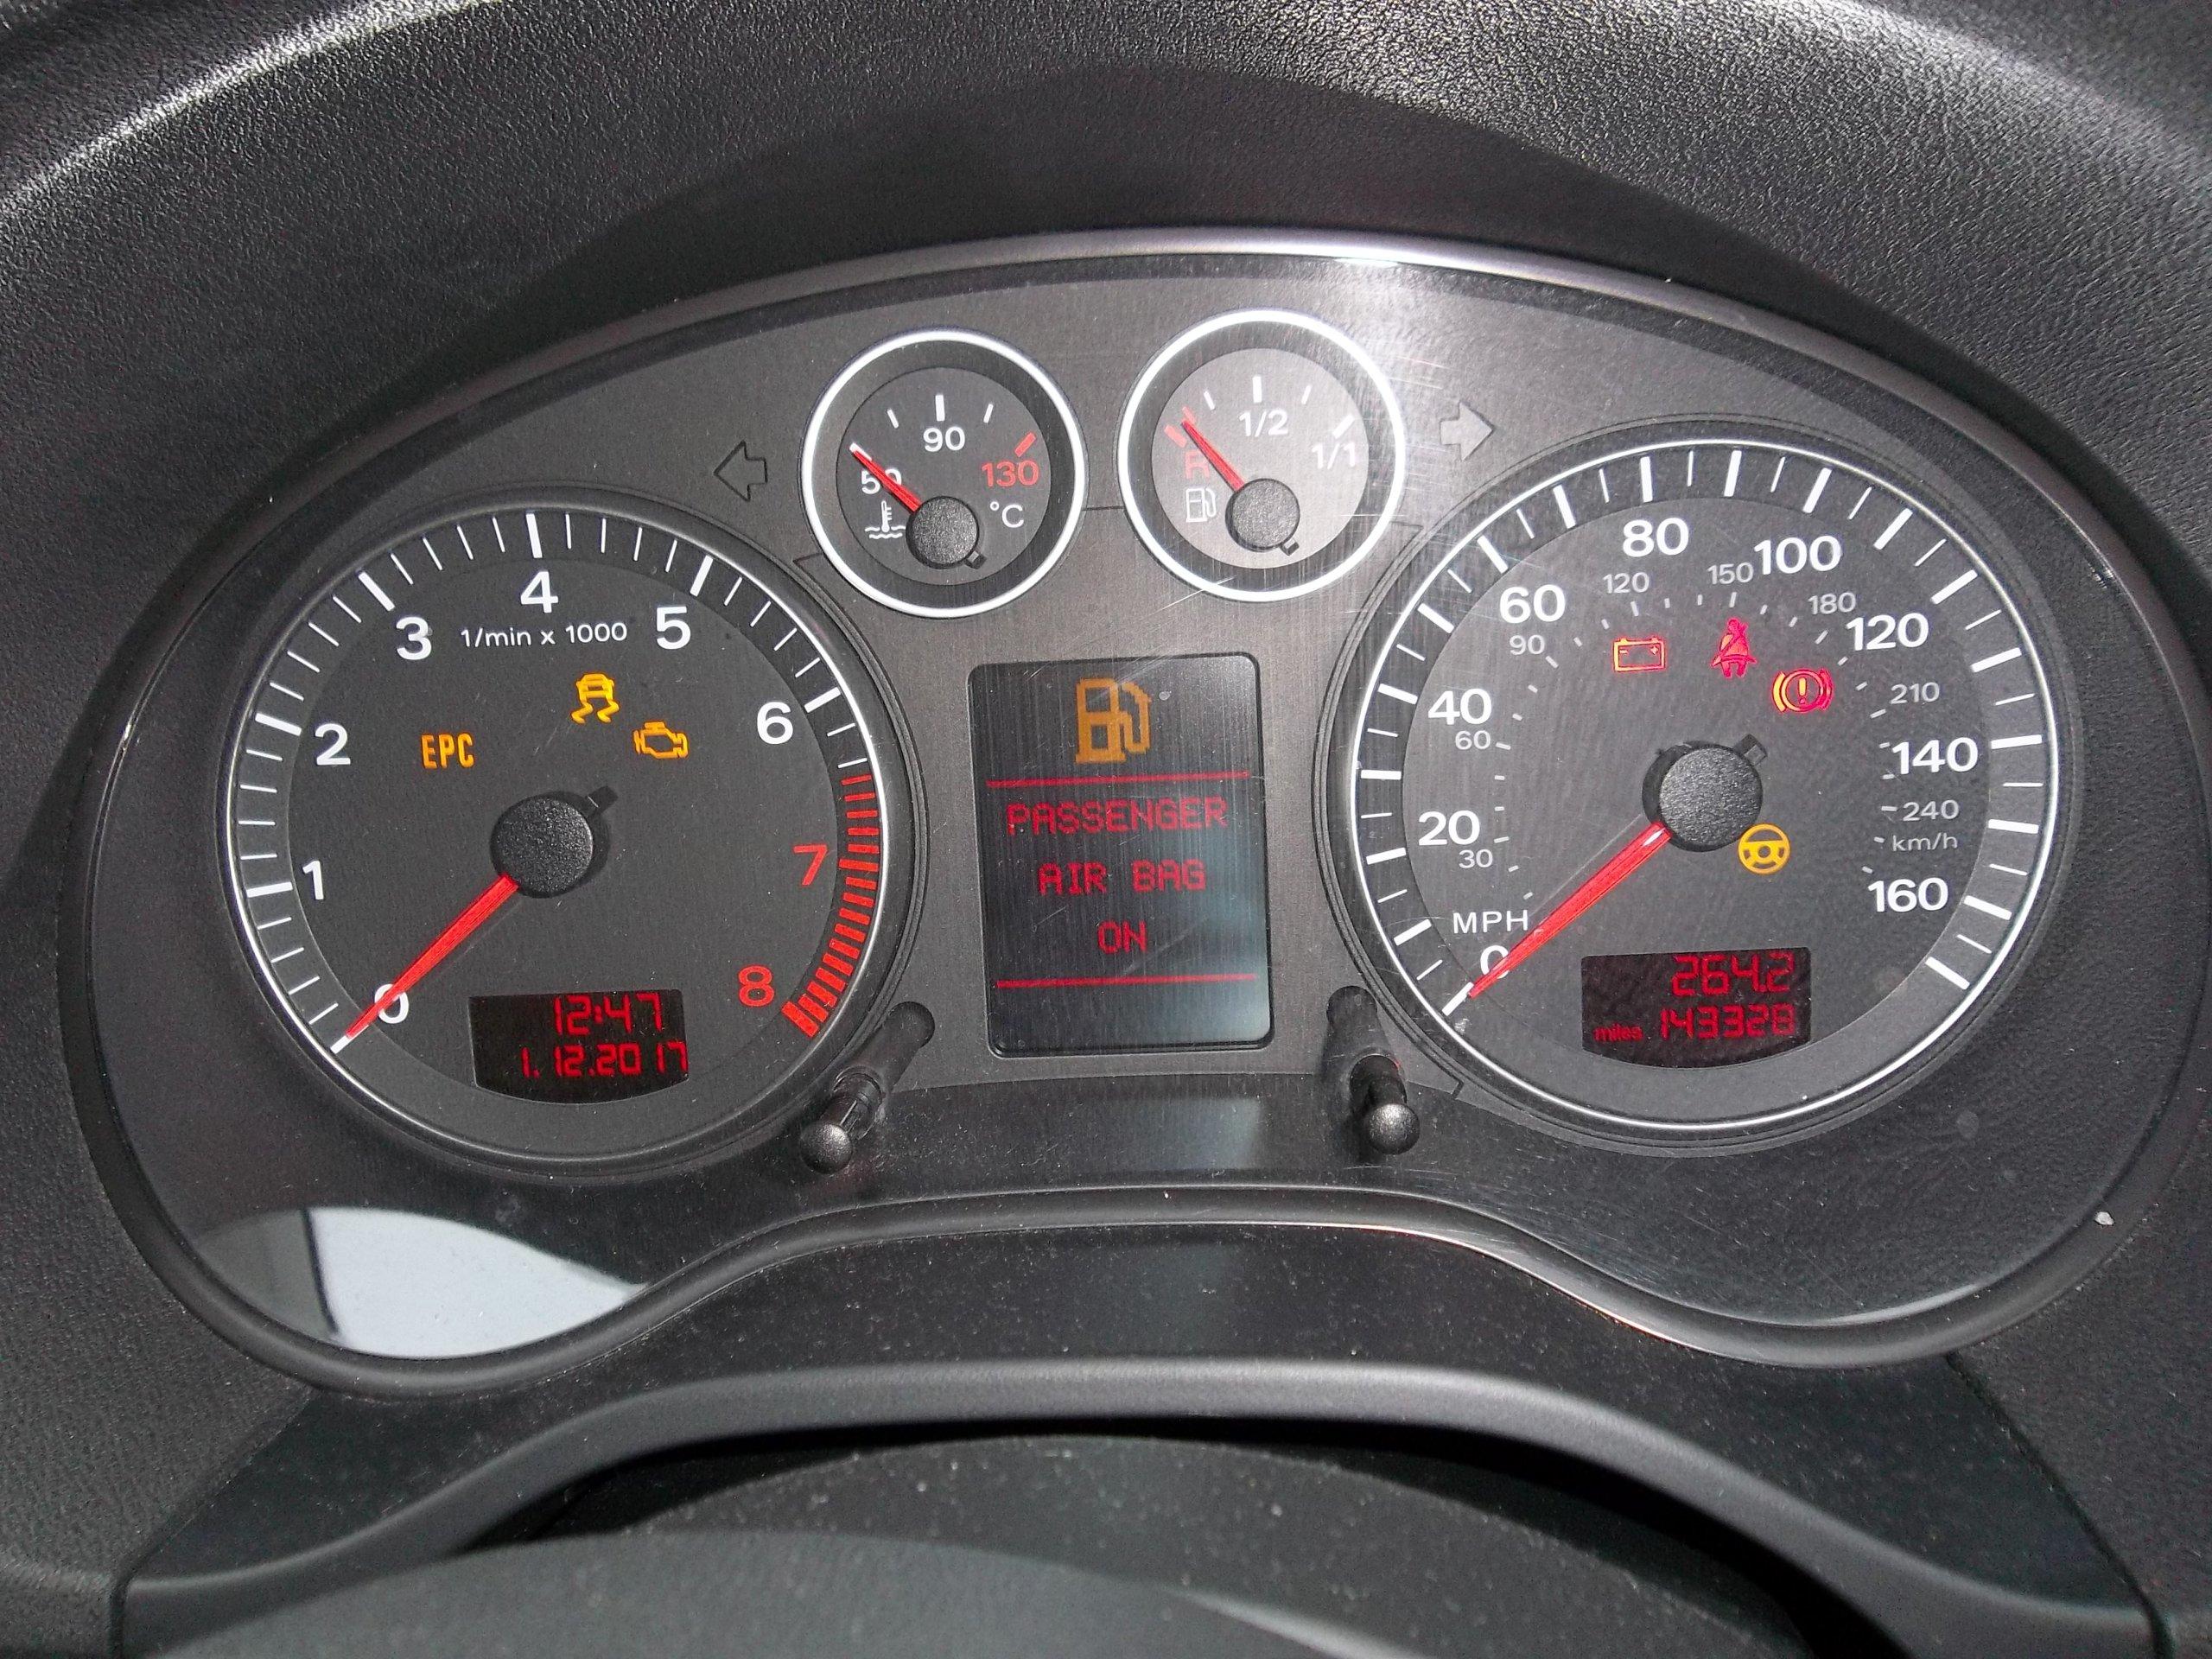 Licznik Zegar Audi A3 8p Lift Sportback 7110816051 Oficjalne